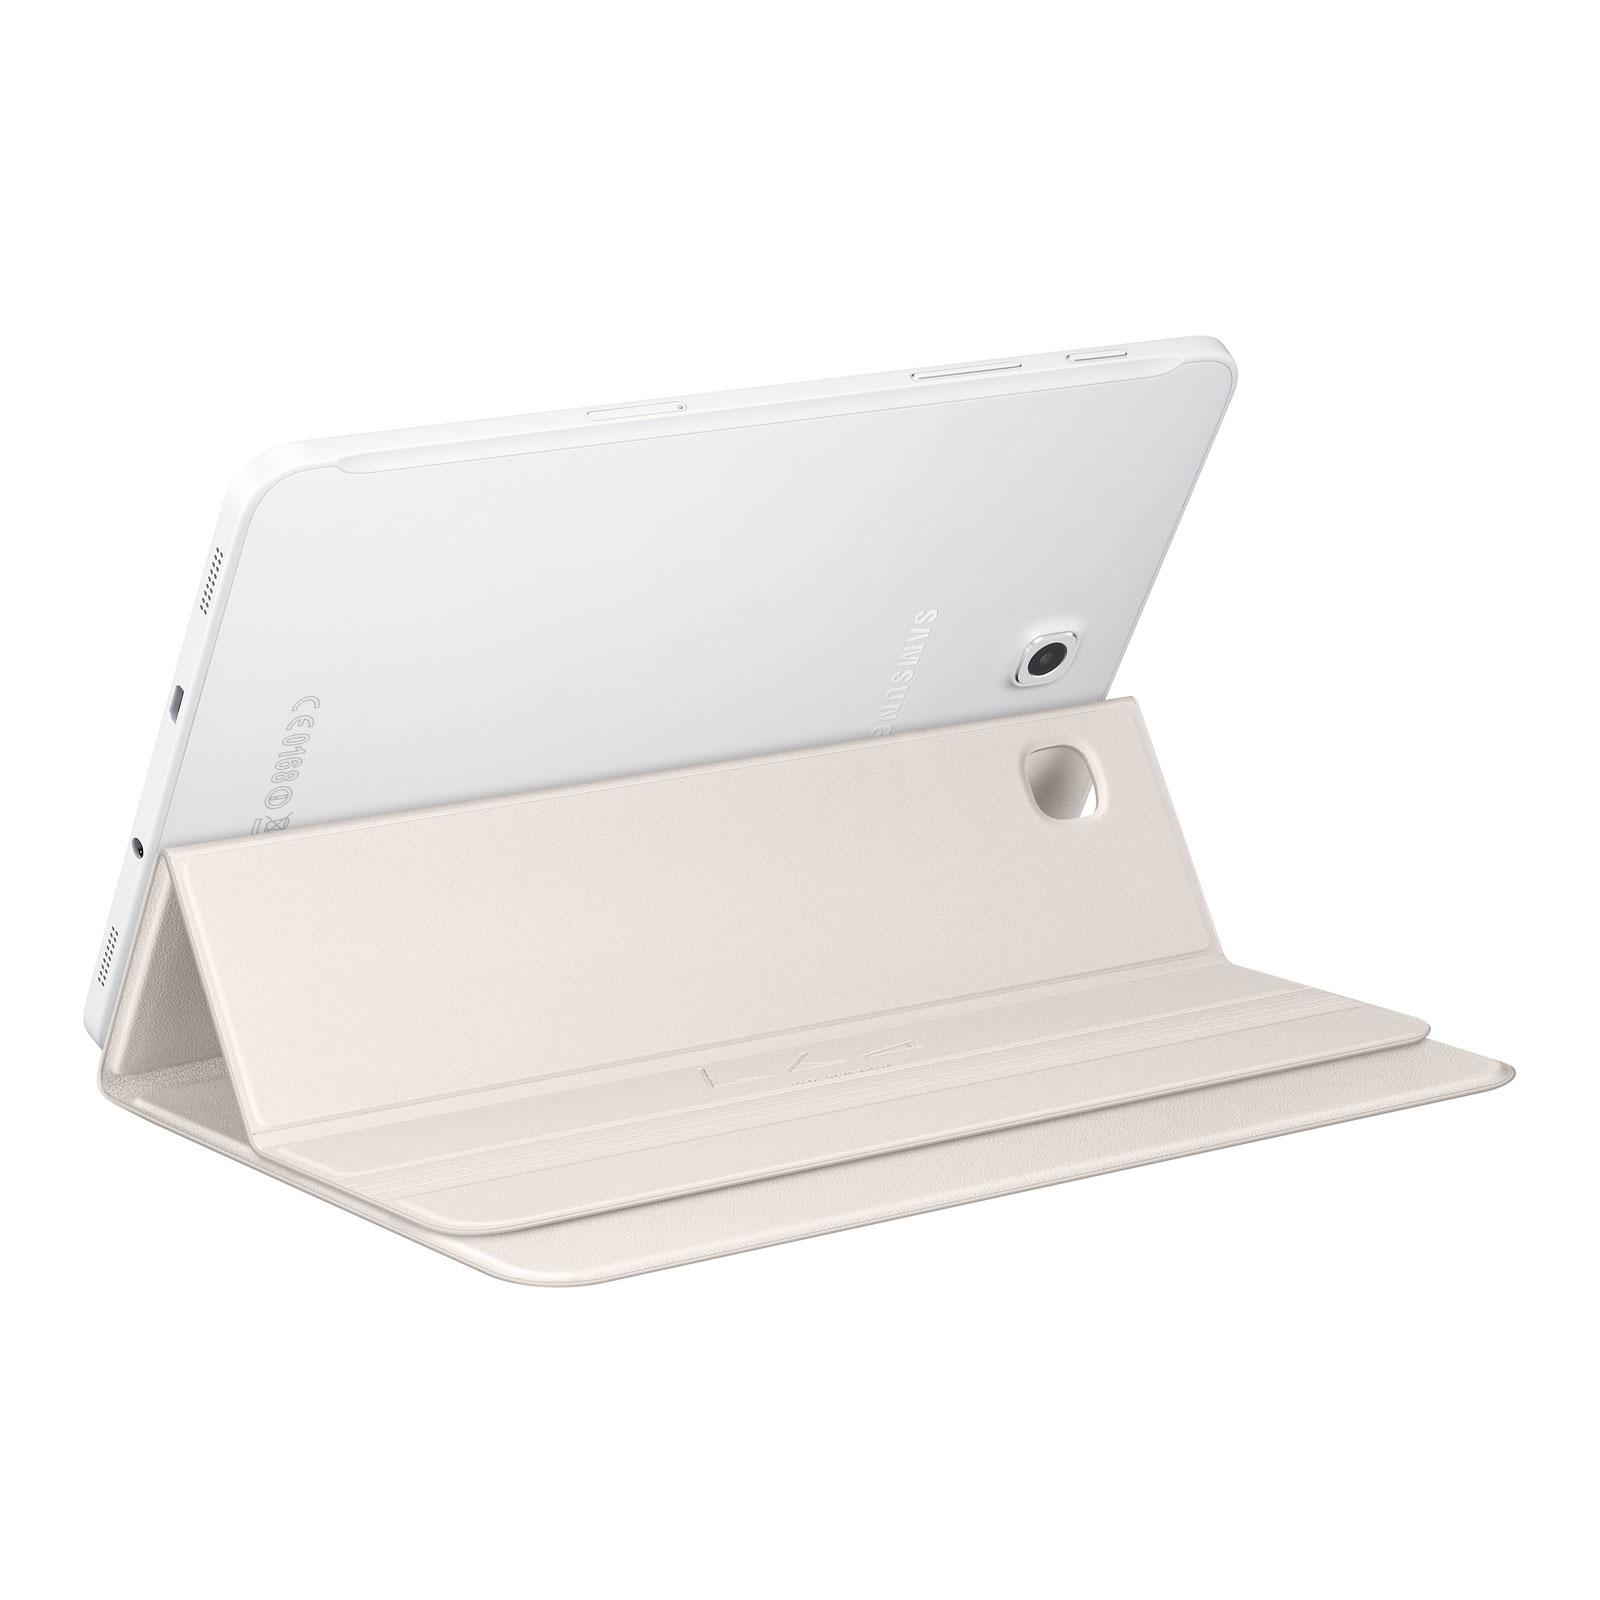 """Samsung Book cover blanc Galaxy Tab S2 8""""  (EF-BT710PWEGWW) - Achat / Vente Accessoire Tablette sur Cybertek.fr - 2"""